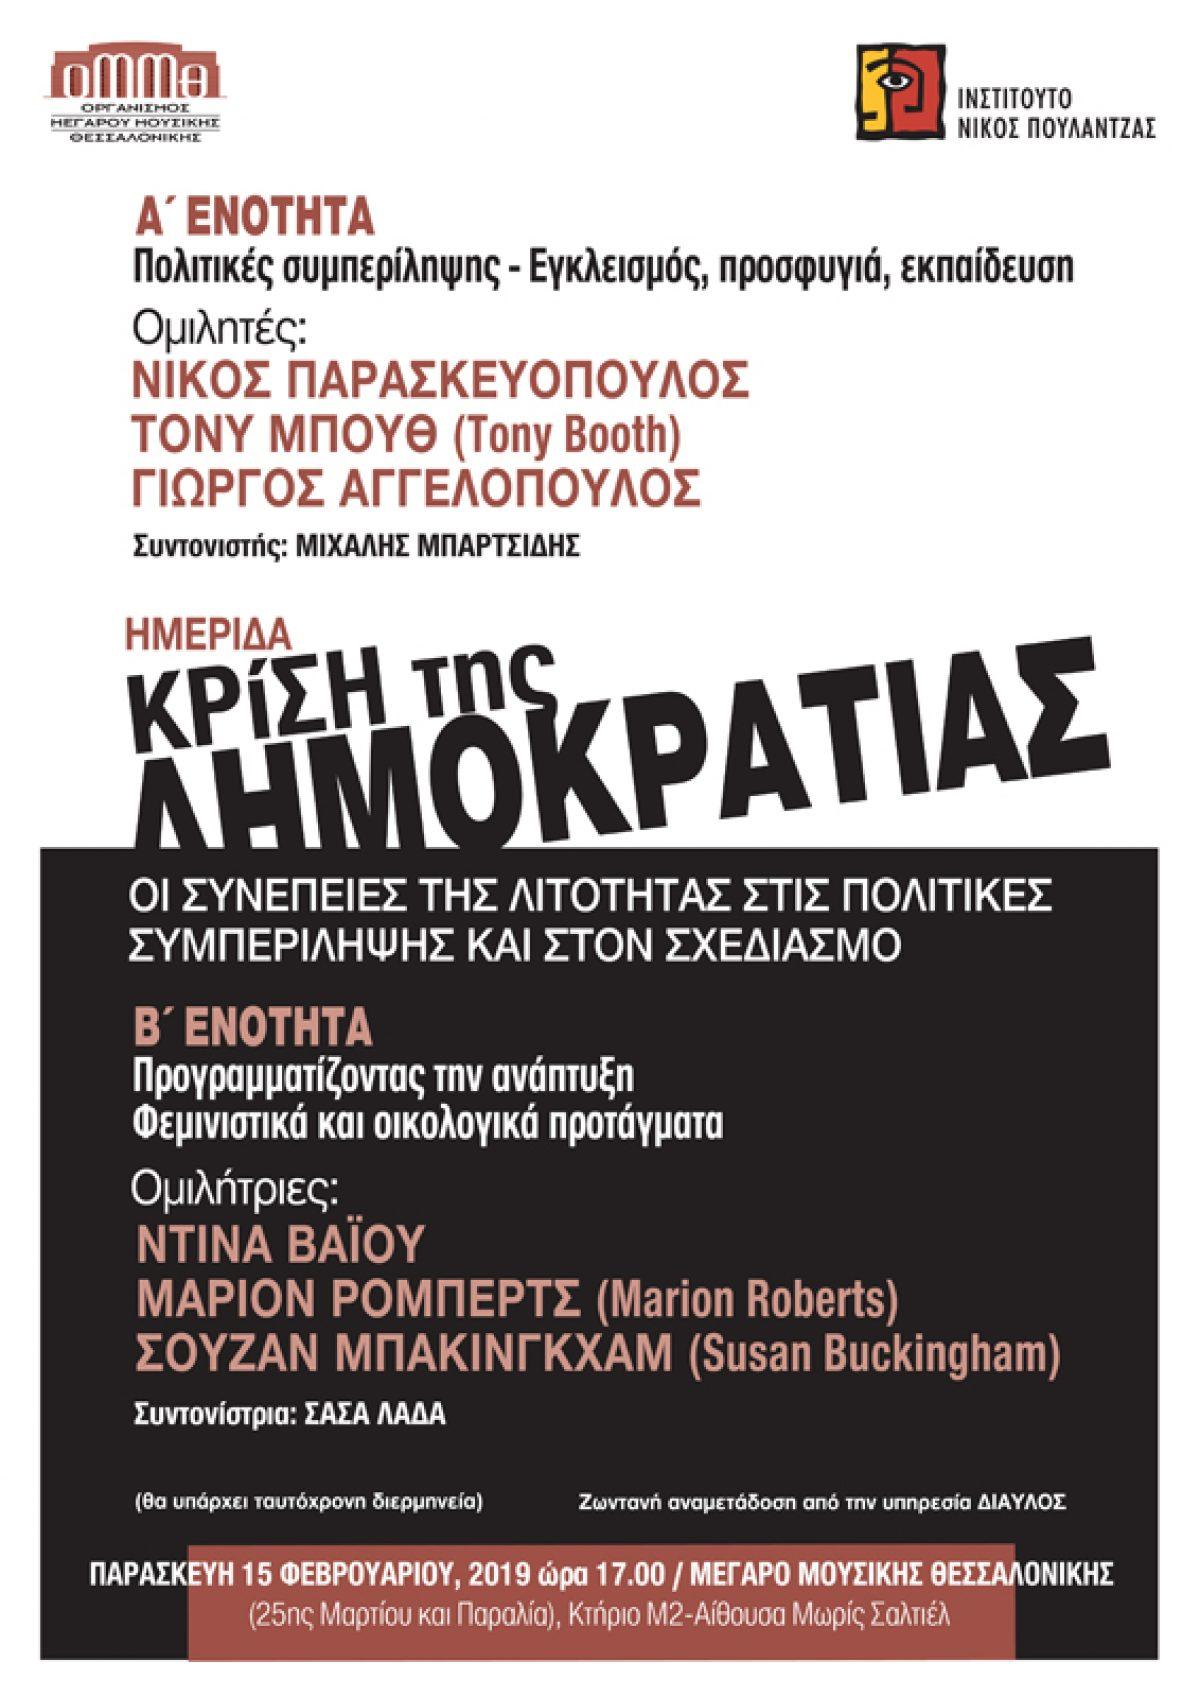 """Ημερίδα """"Κρίση της δημοκρατίας. Οι συνέπειες της λιτότητας στις πολιτικές συμπερίληψης και στον σχεδιασμό"""", Μέγαρο Μουσικής Θεσσαλονίκης, 15.2.2019"""